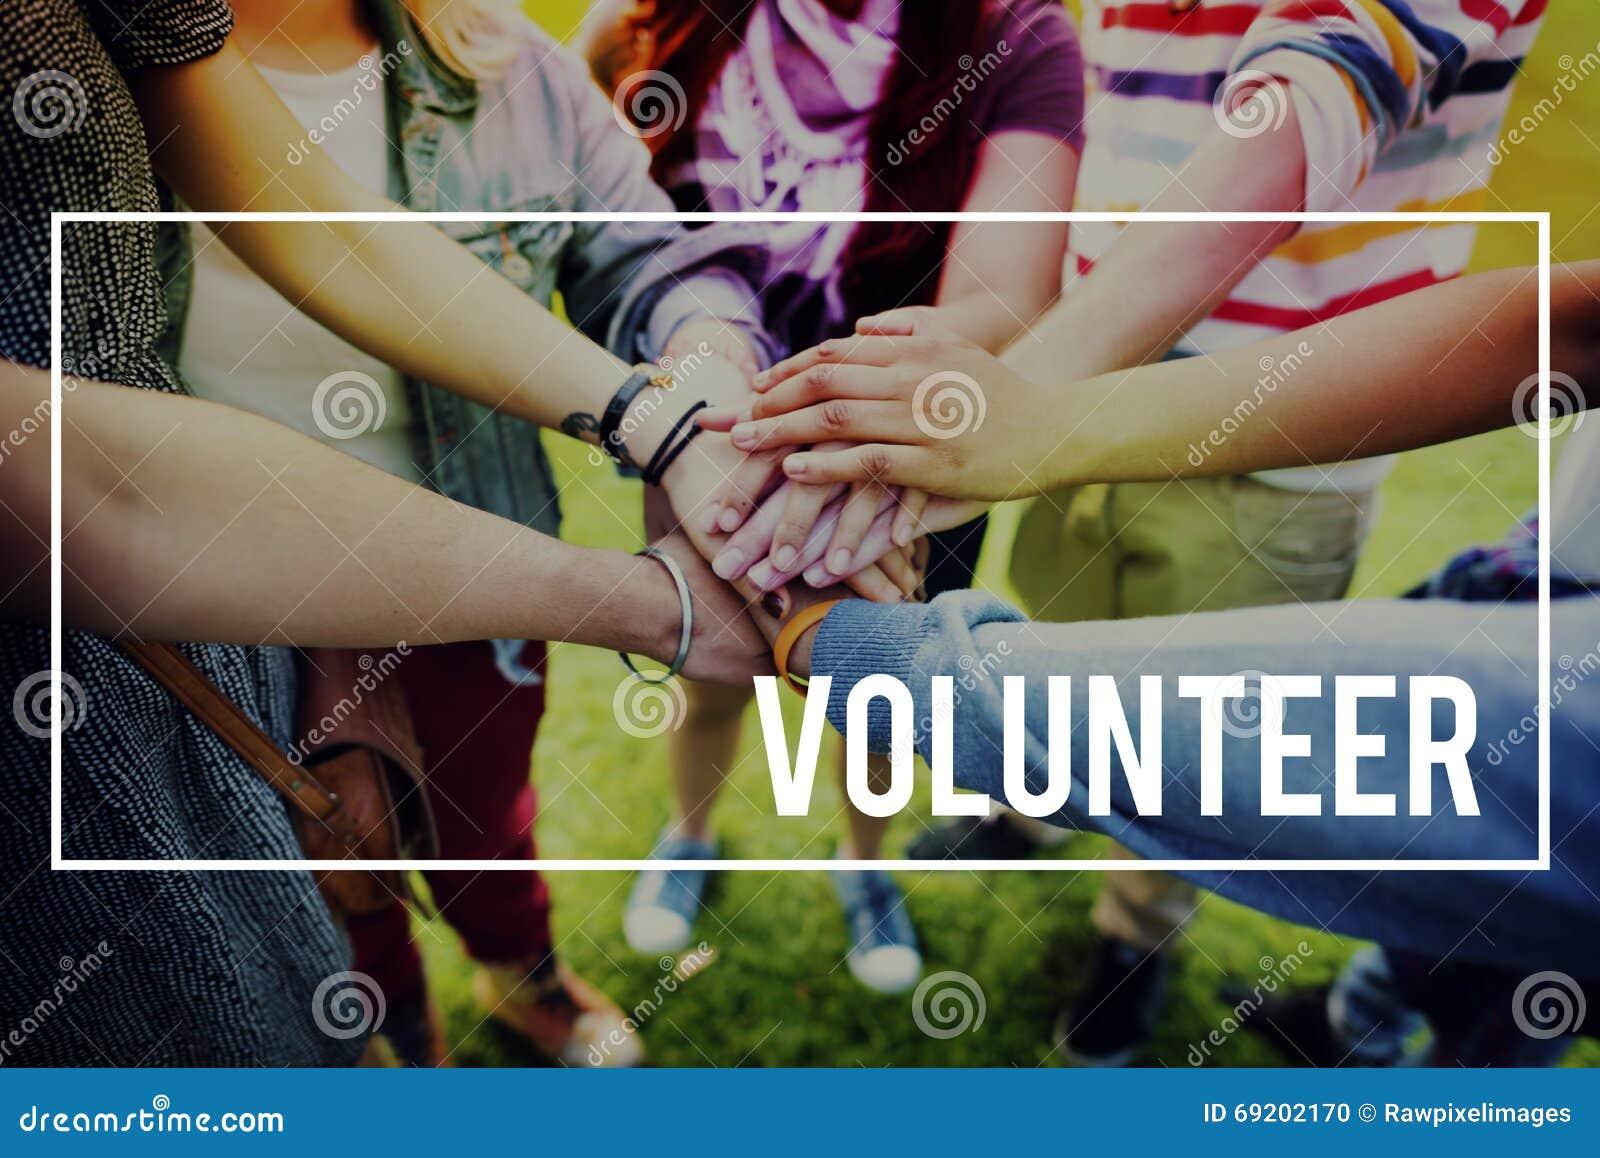 Vrijwilligersliefdadigheid die Handen helpen Concept geven